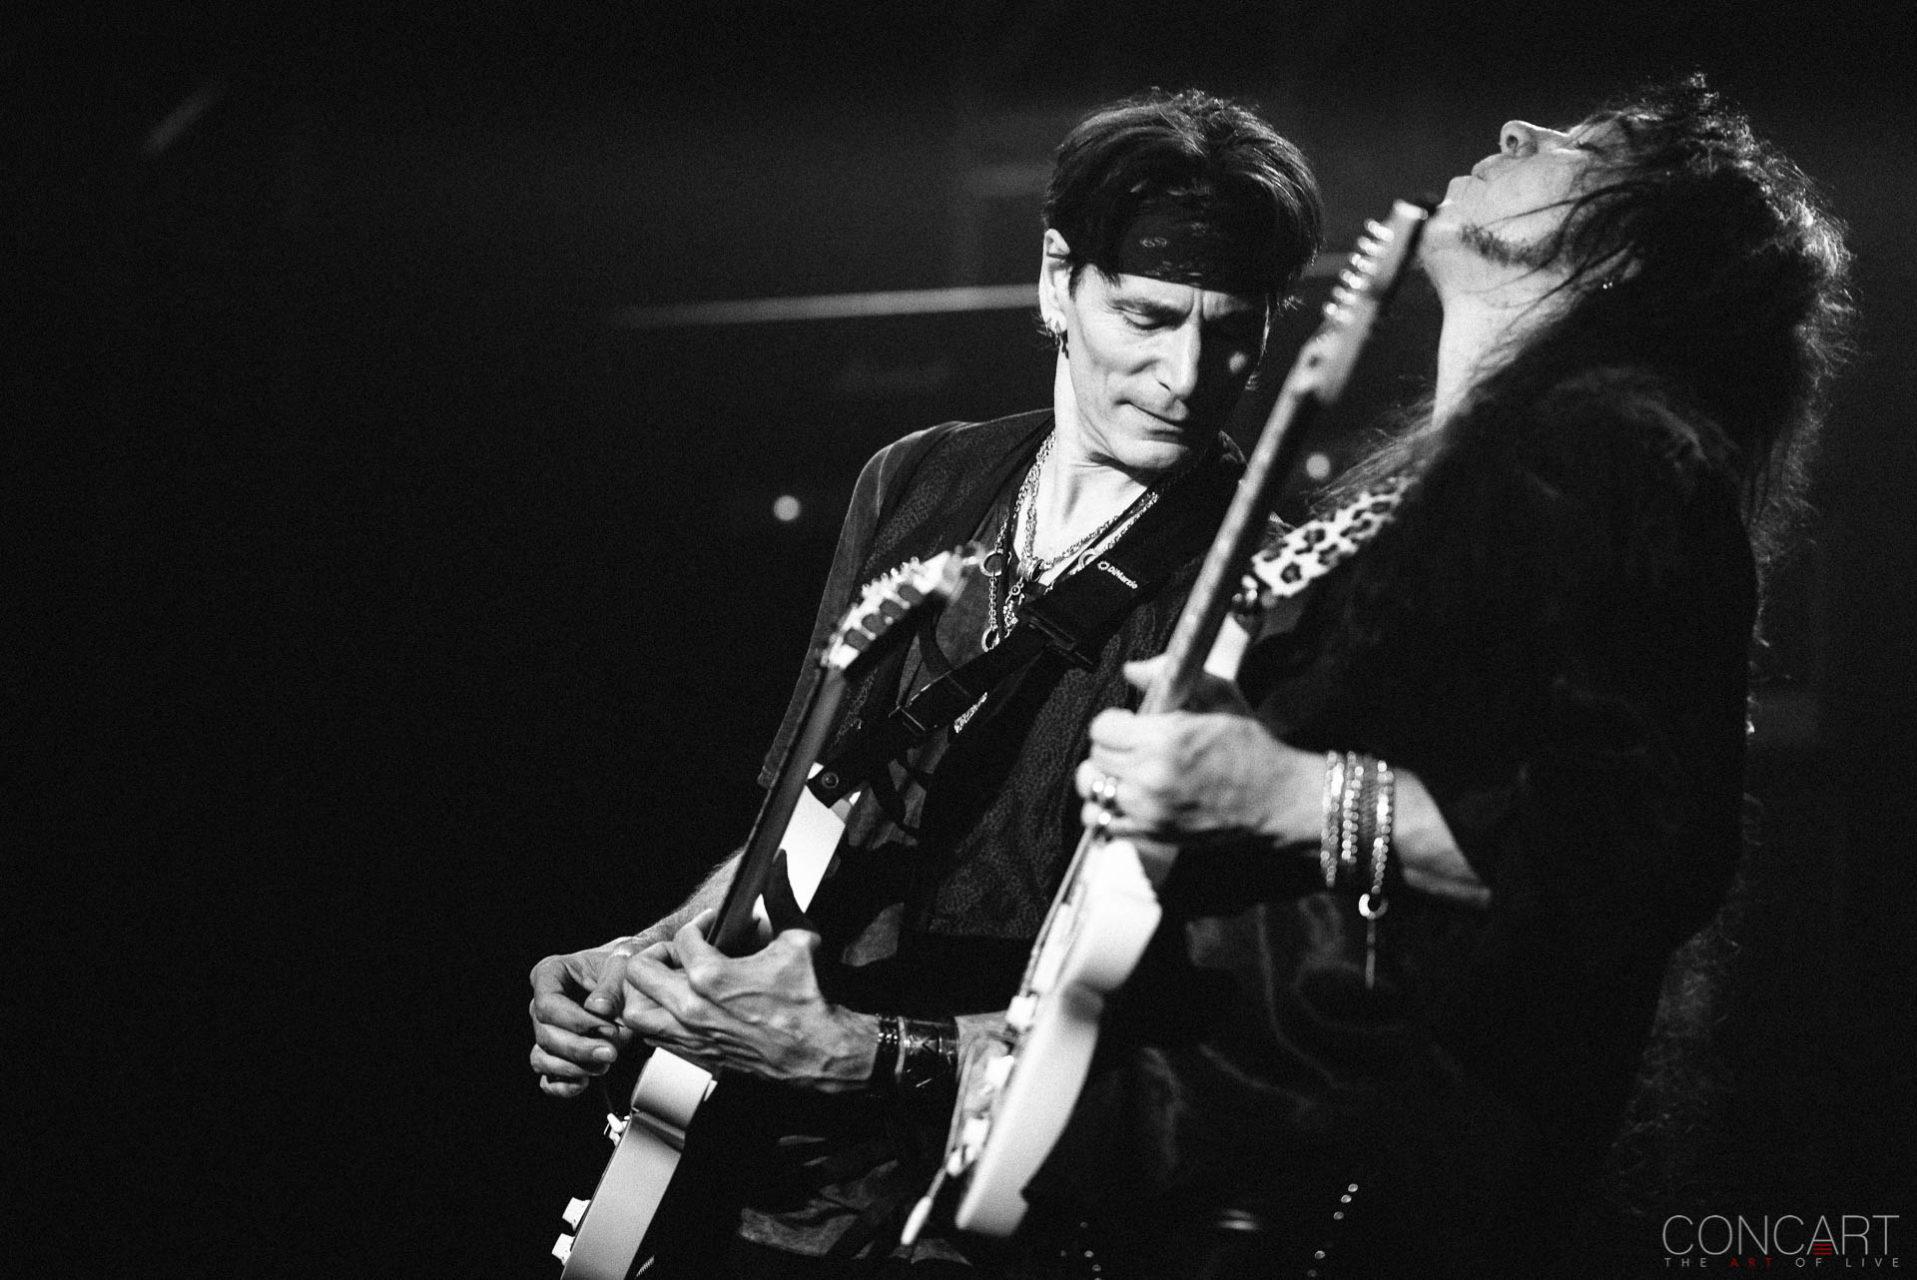 Steve Vai photo by Sean Molin 11